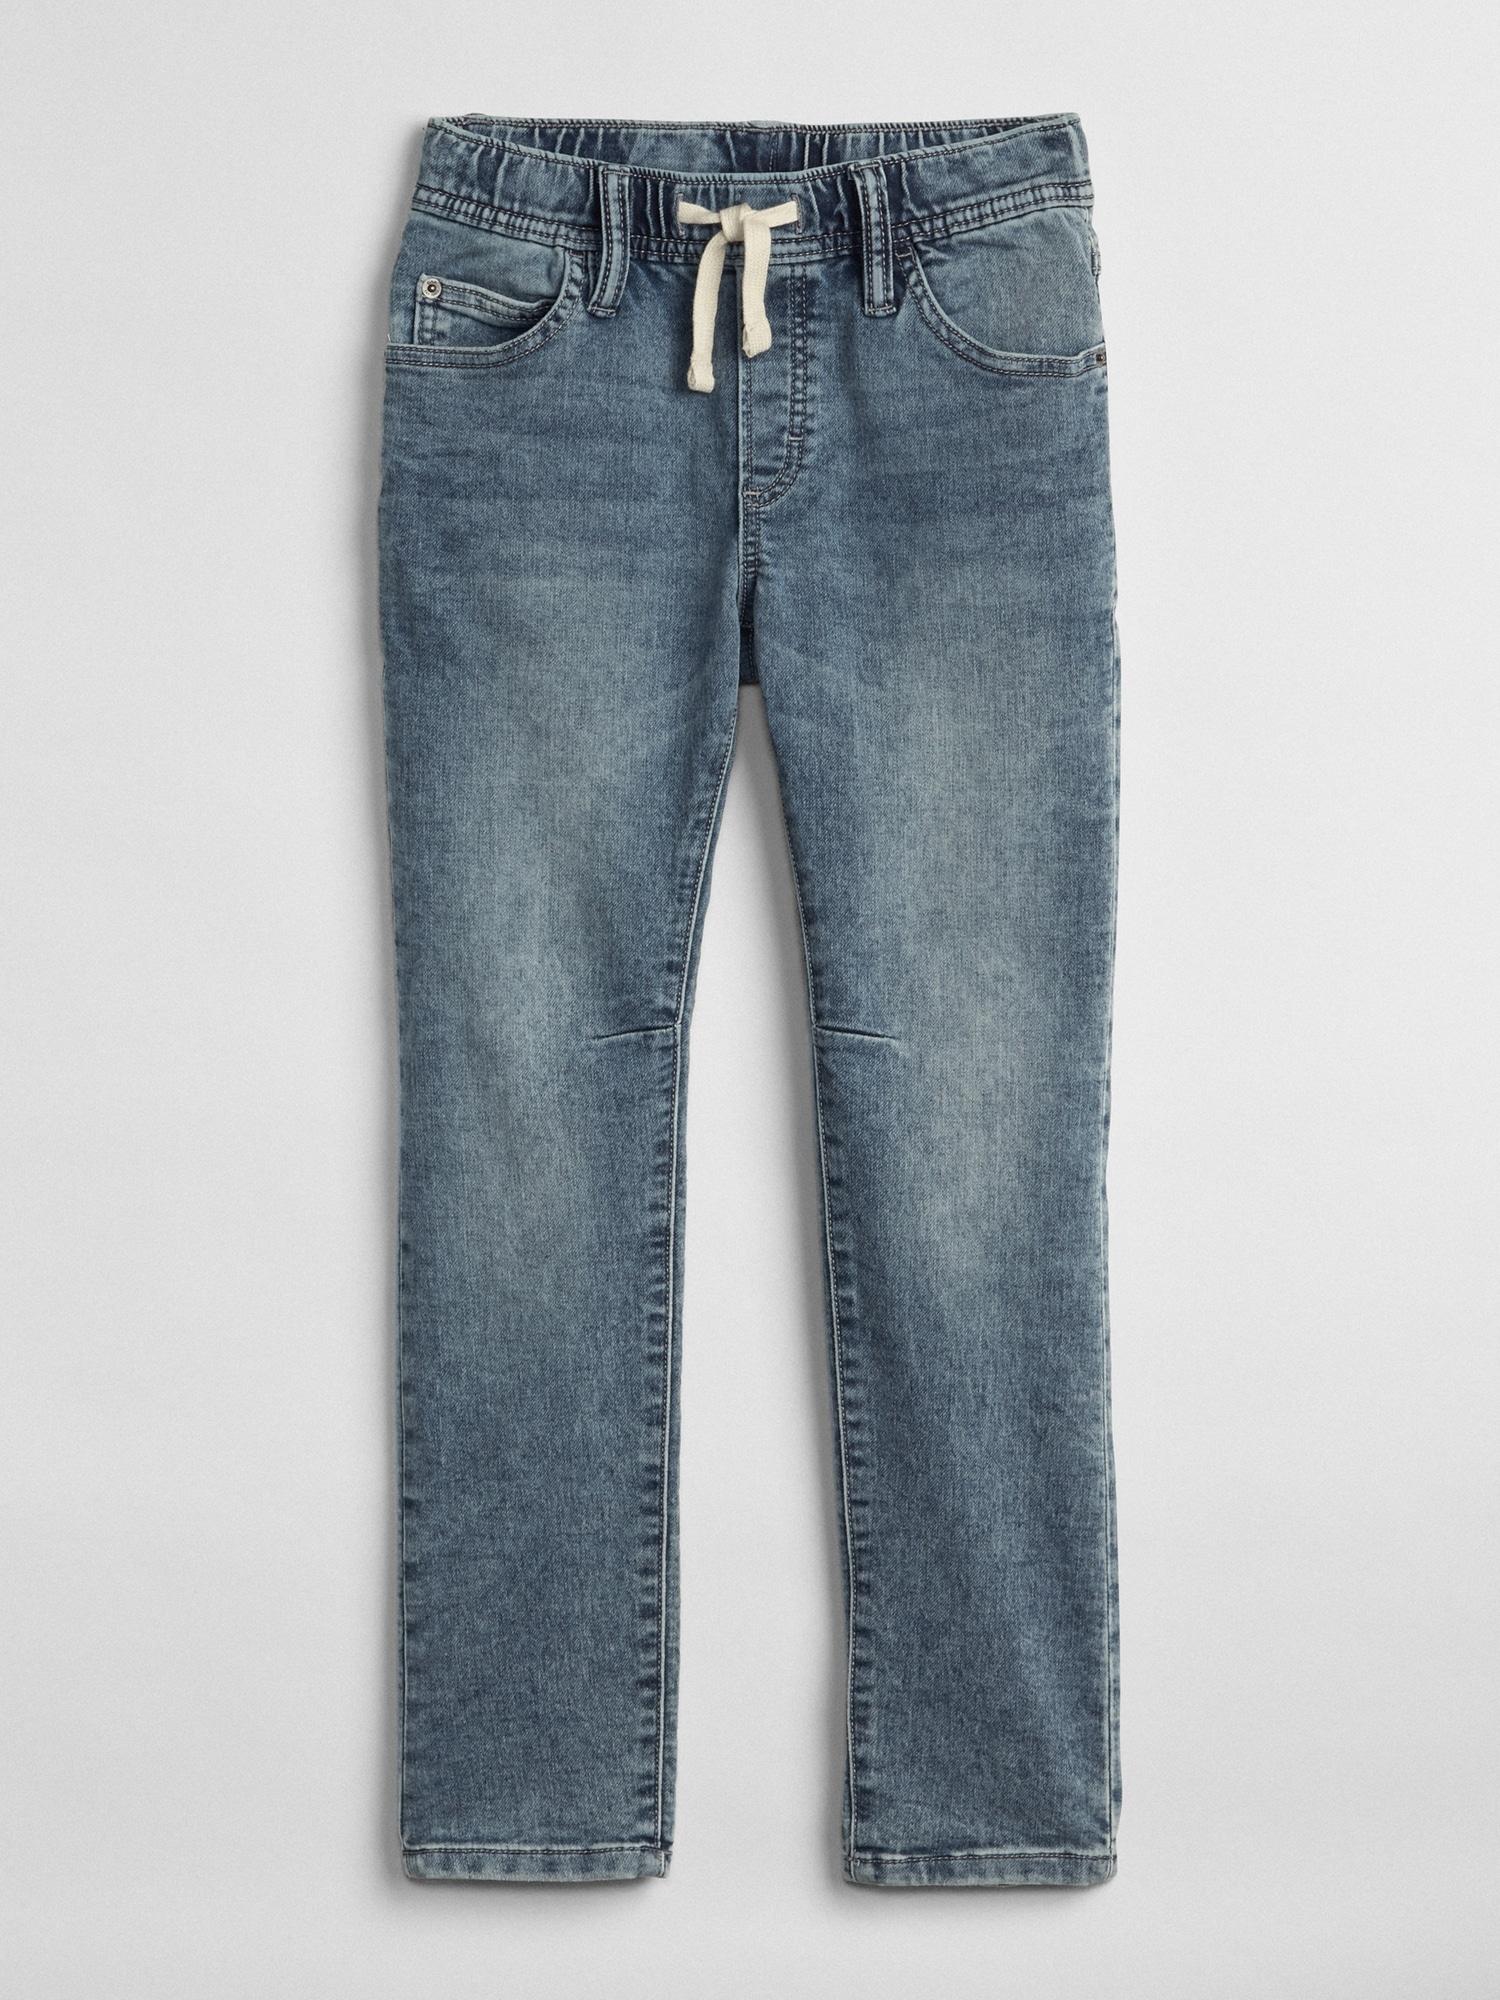 fc99d2dba1f Kids Superdenim Pull-On Slim Jeans With Fantastiflex | Gap